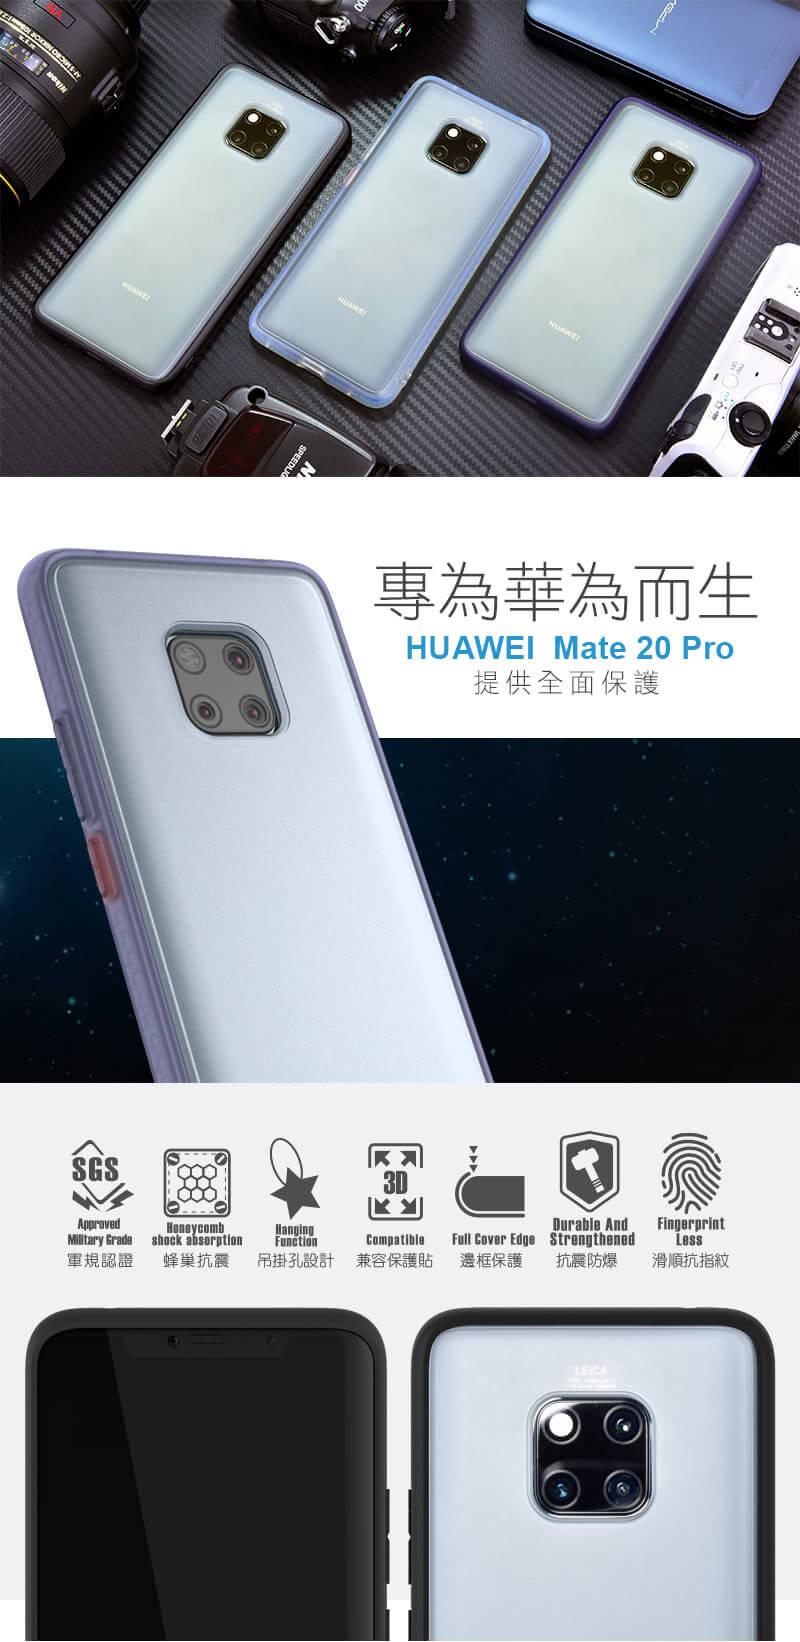 HODA 柔石軍規防摔殼 HUAWEI MATE 20 Pro